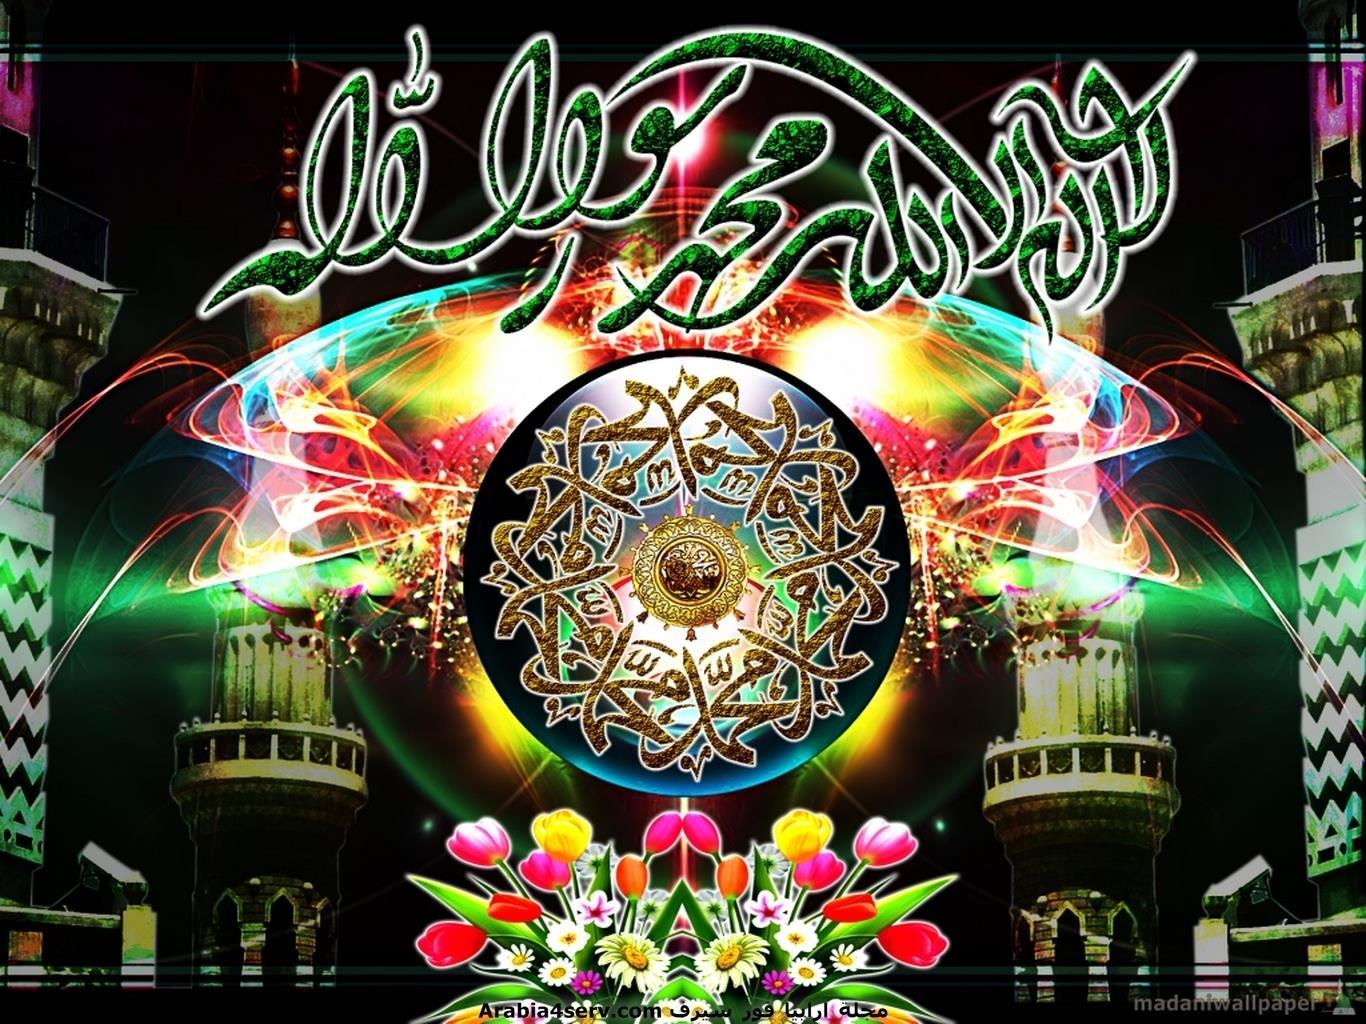 خلفيات-لا-اله-الا-الله-محمد-رسول-الله-2